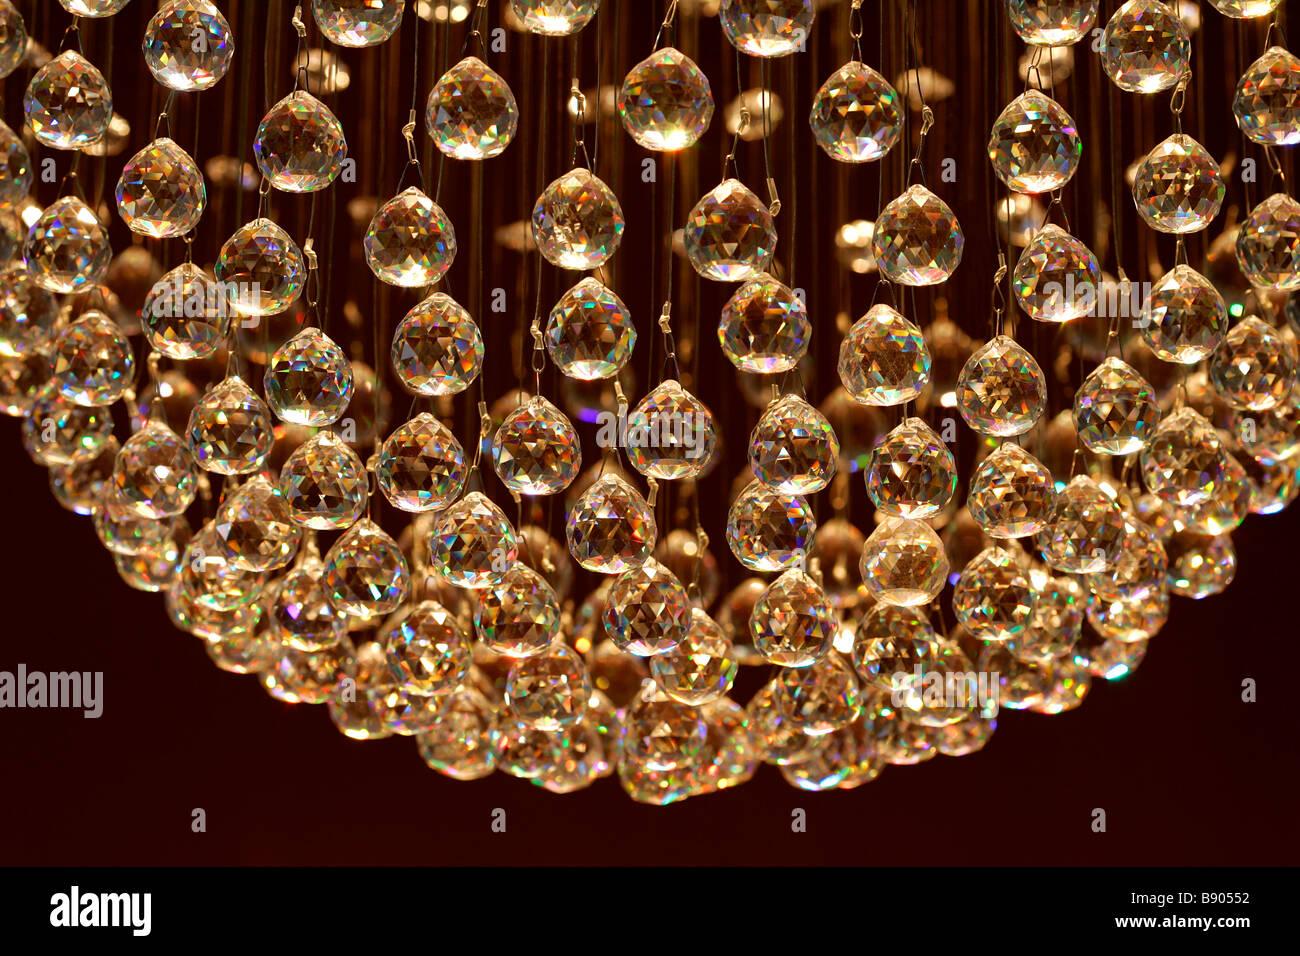 Kronleuchter Kristall Klein ~ Decke kronleuchter kristall glaskugeln licht leuchten beleuchtung